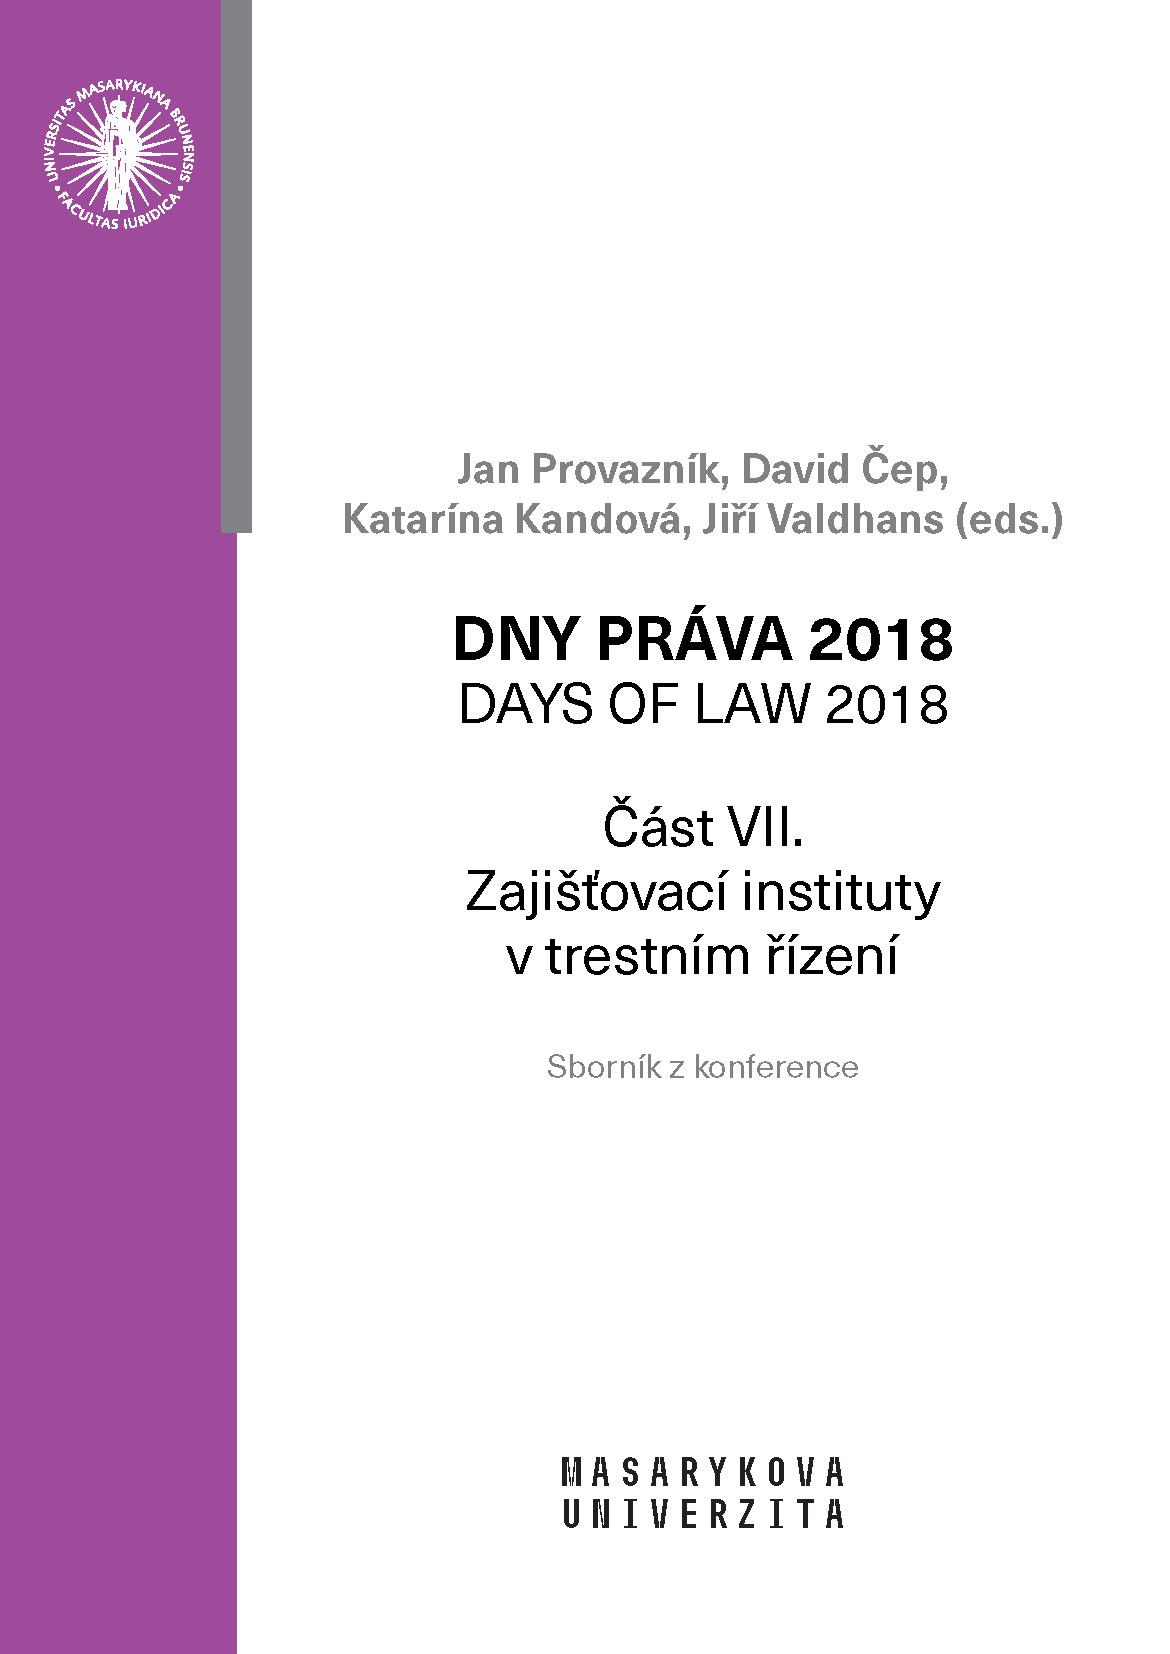 Obálka pro Dny práva 2018. Zajišťovací instituty v trestním řízení